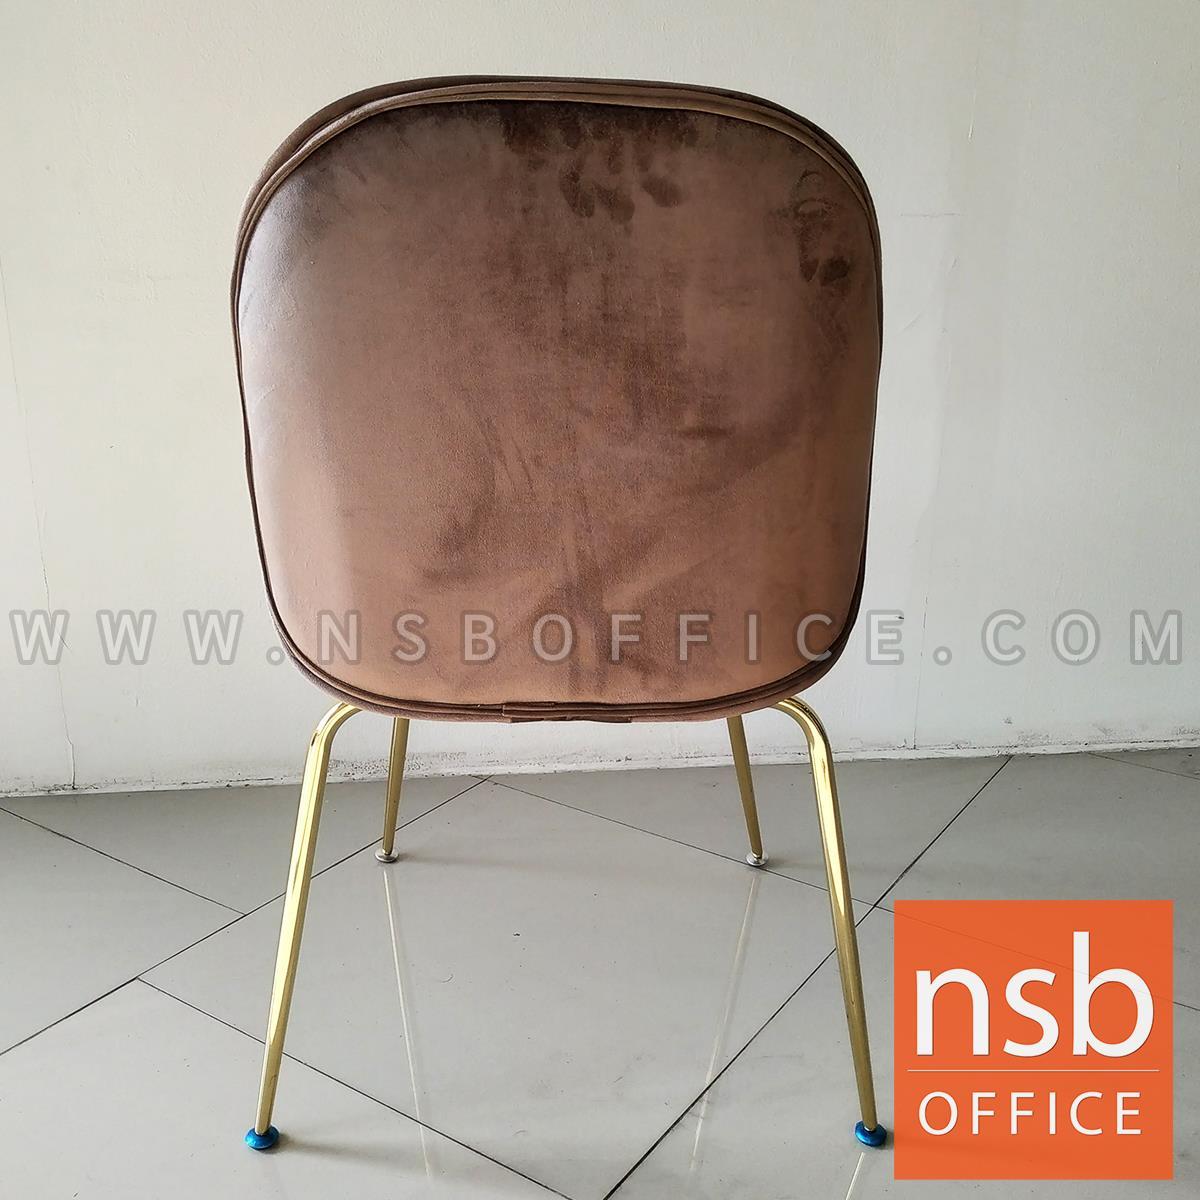 เก้าอี้โมเดิร์น หุ้มผ้ากำมะหยี่ รุ่น Bourne (บอน)  ขาเหล็กสีทอง